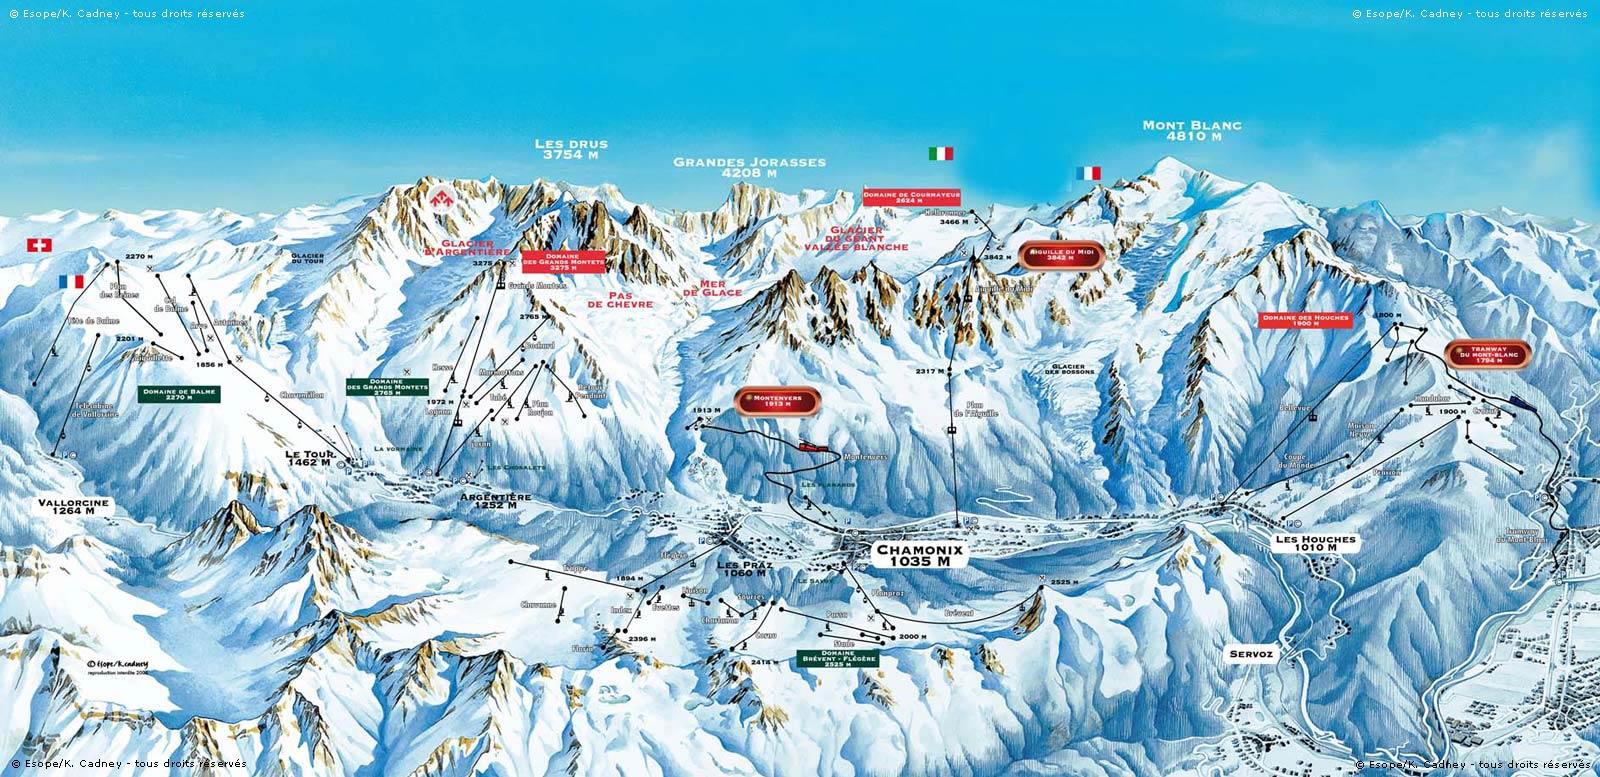 Схема трасс горнолыжного курорта Шамони